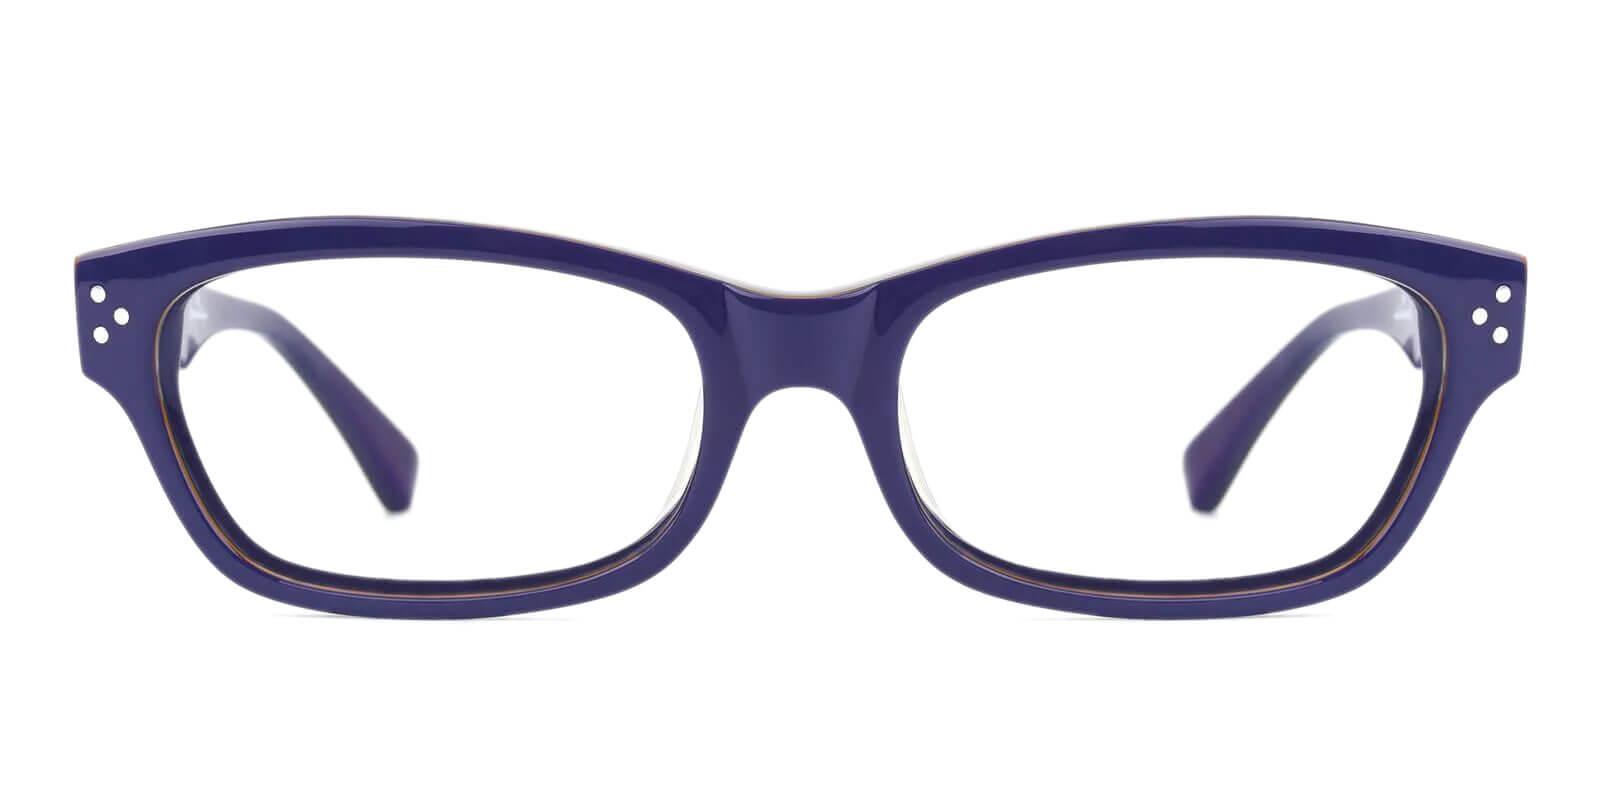 Giroux Purple TR Eyeglasses , UniversalBridgeFit Frames from ABBE Glasses